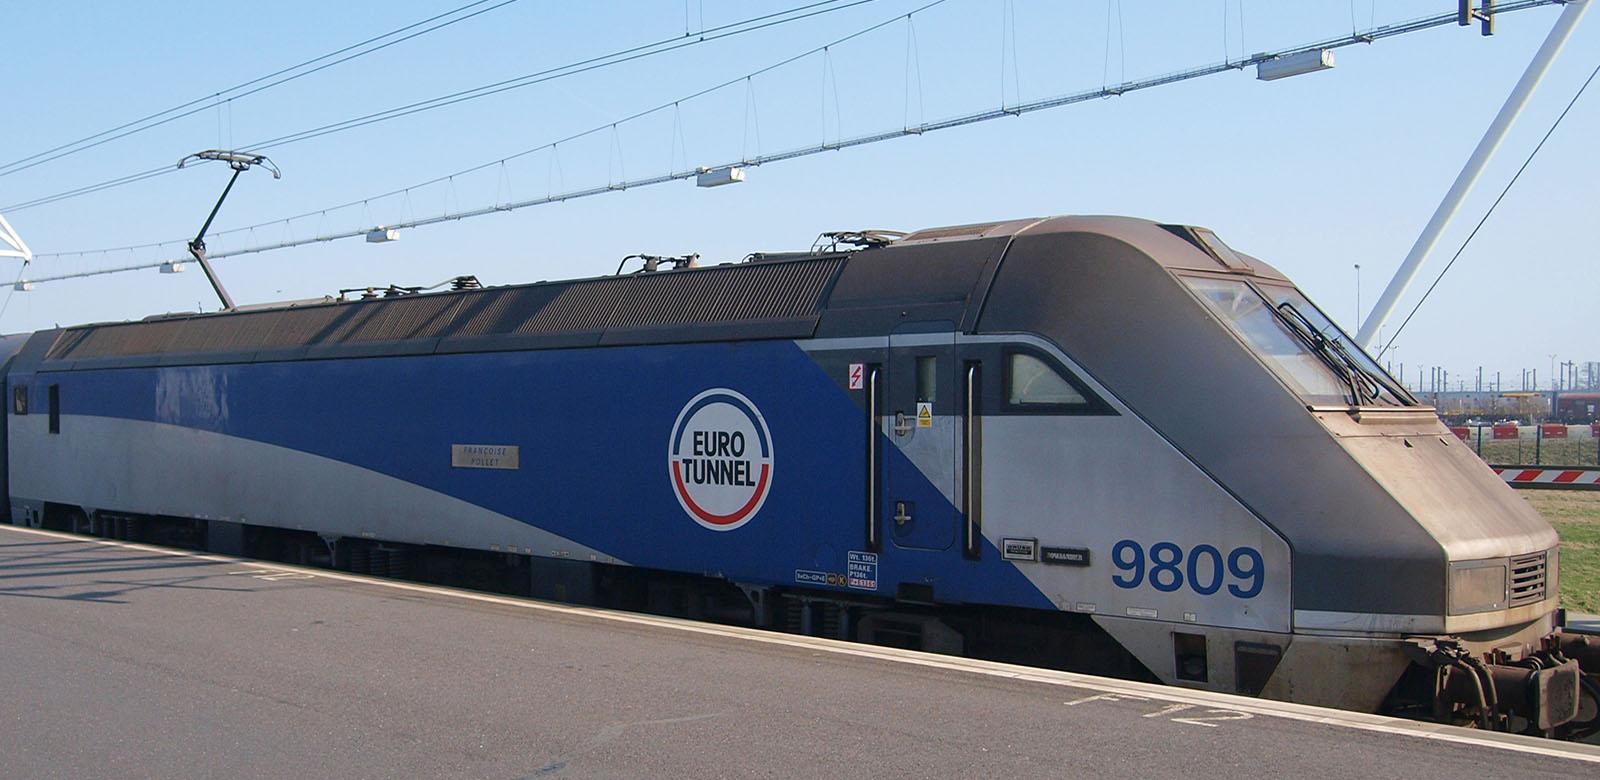 Eurotunnel: Le Shuttle (Folkestone to Calais)